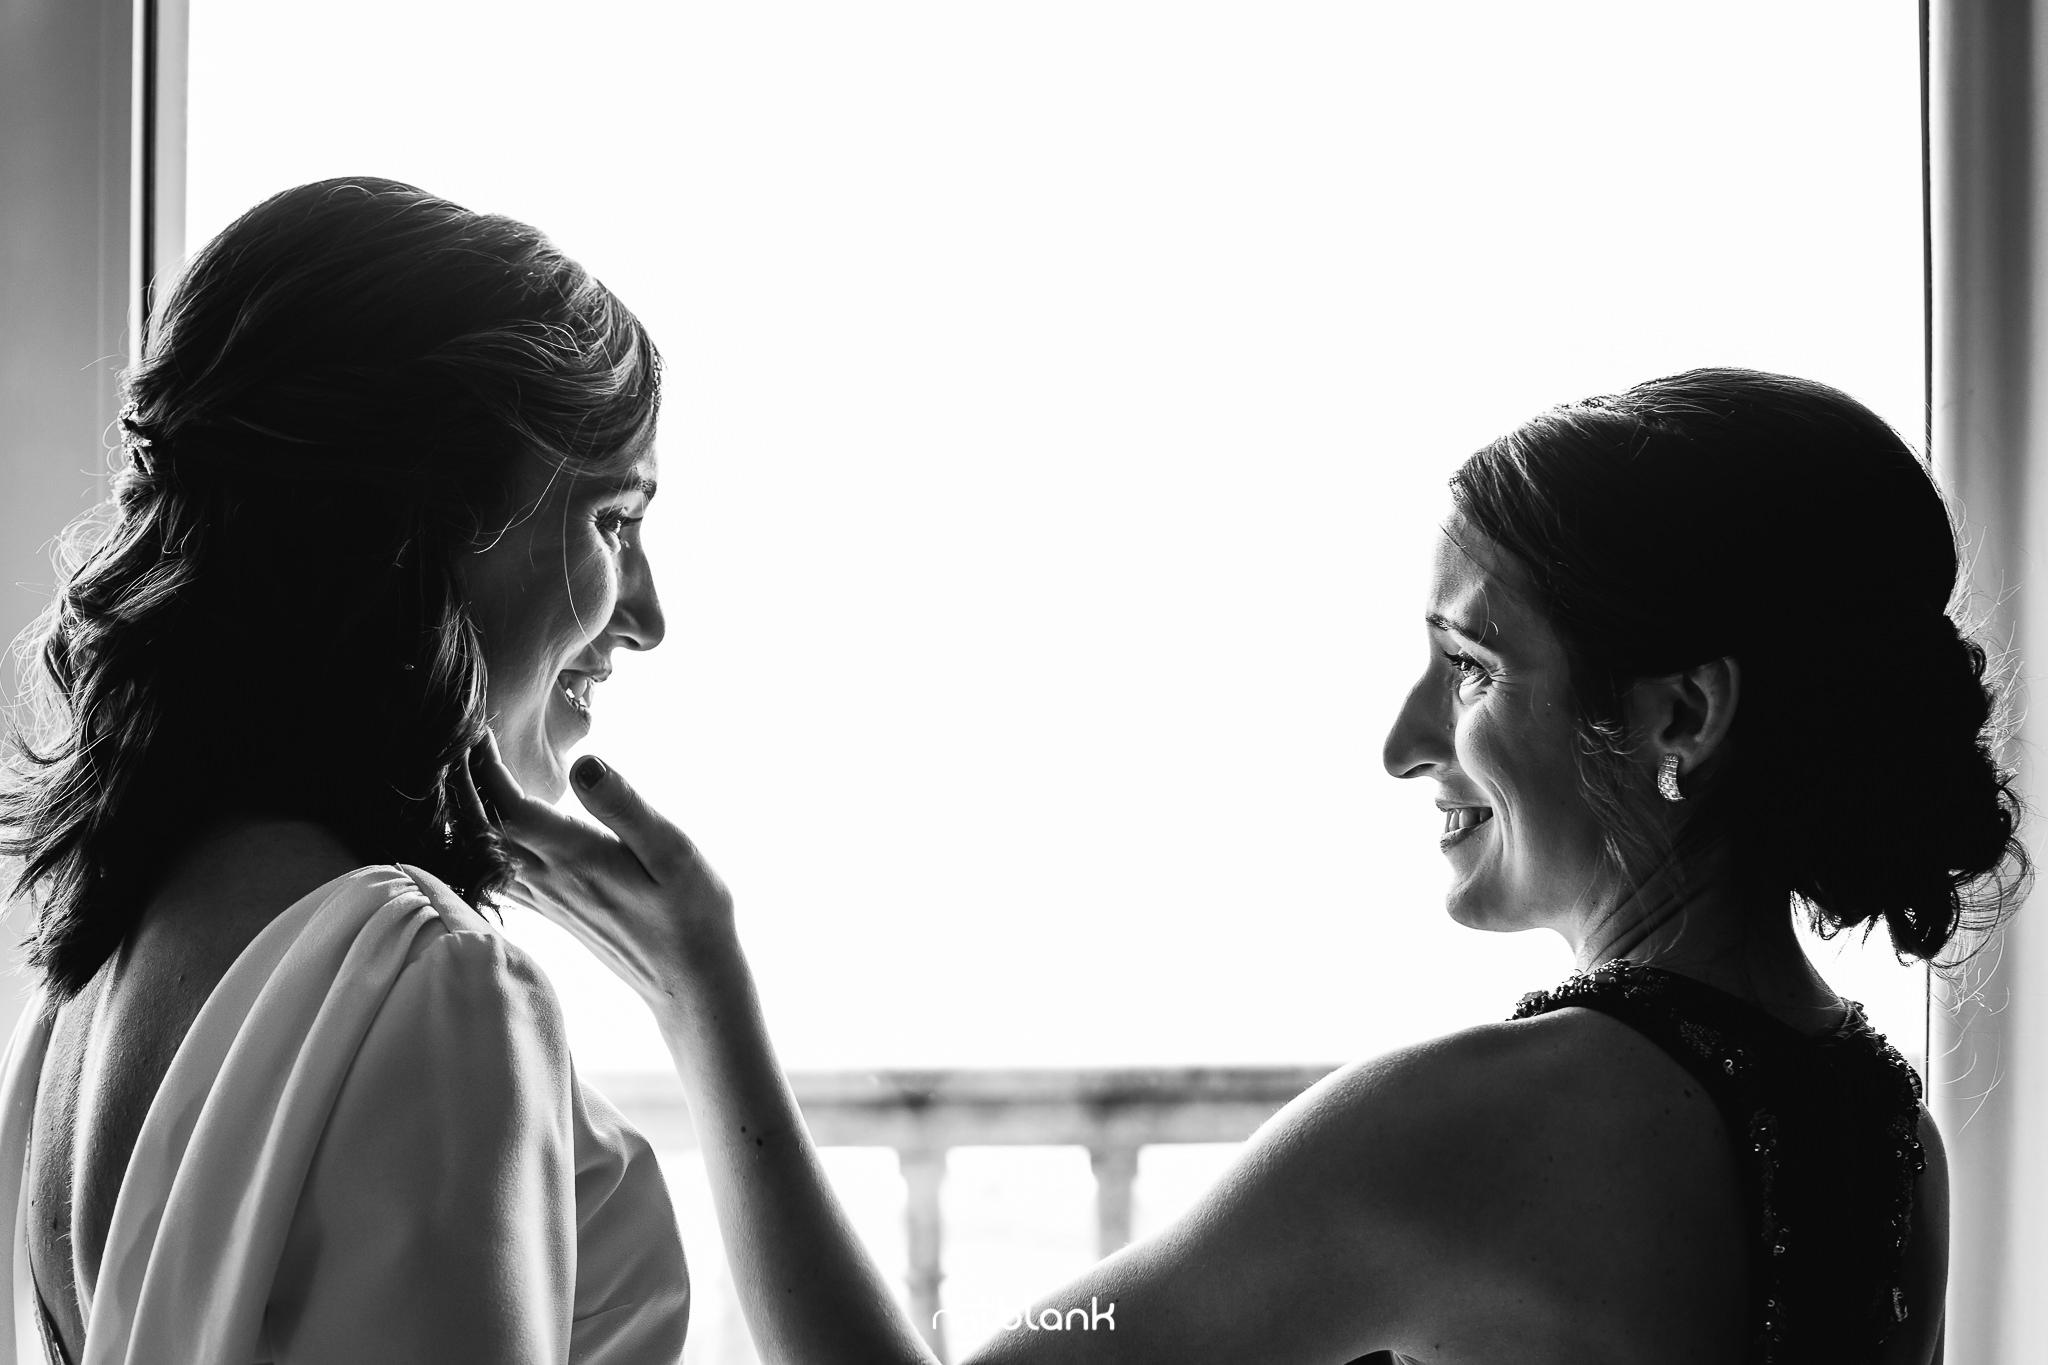 Boda de Conchi y Rubén en La Guardia. Reportaje realizado por Notblank Fotografos de boda.